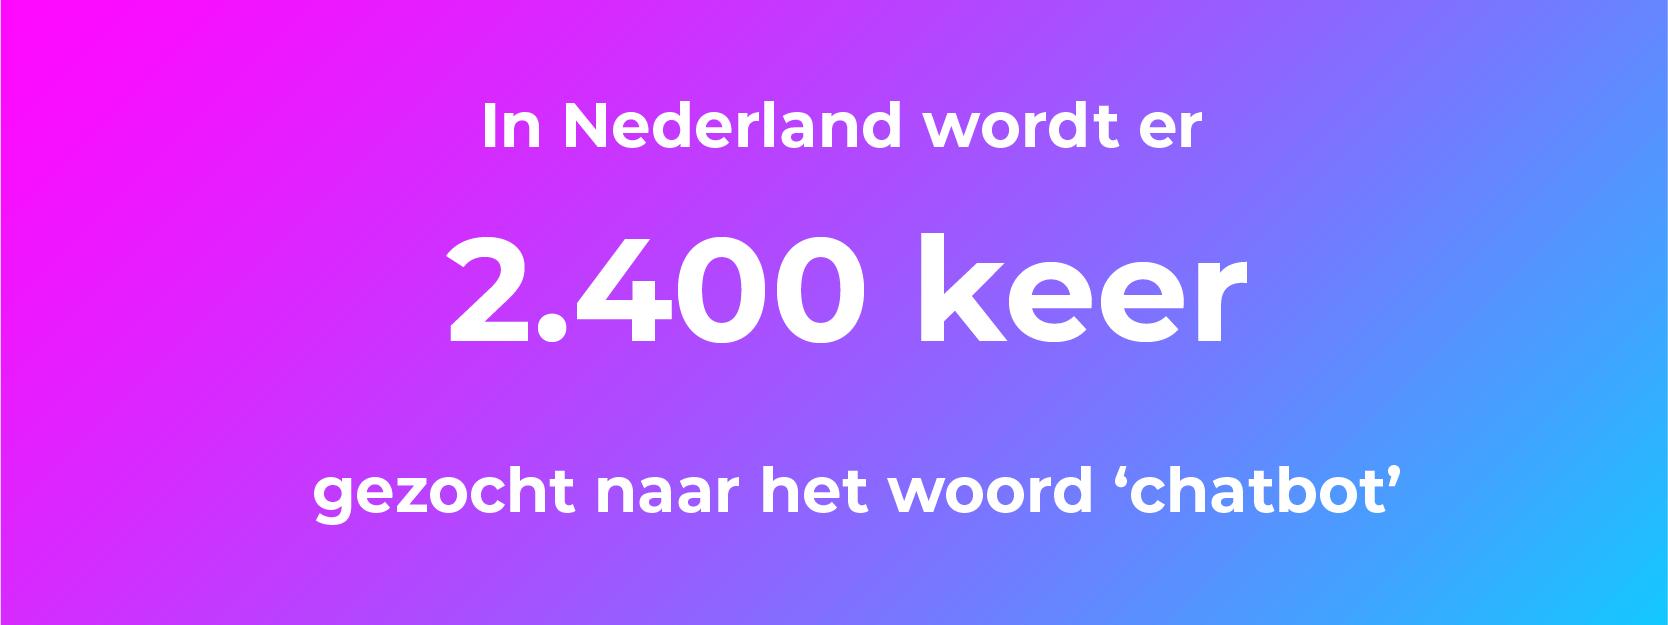 nederland-chatbot-zoeken